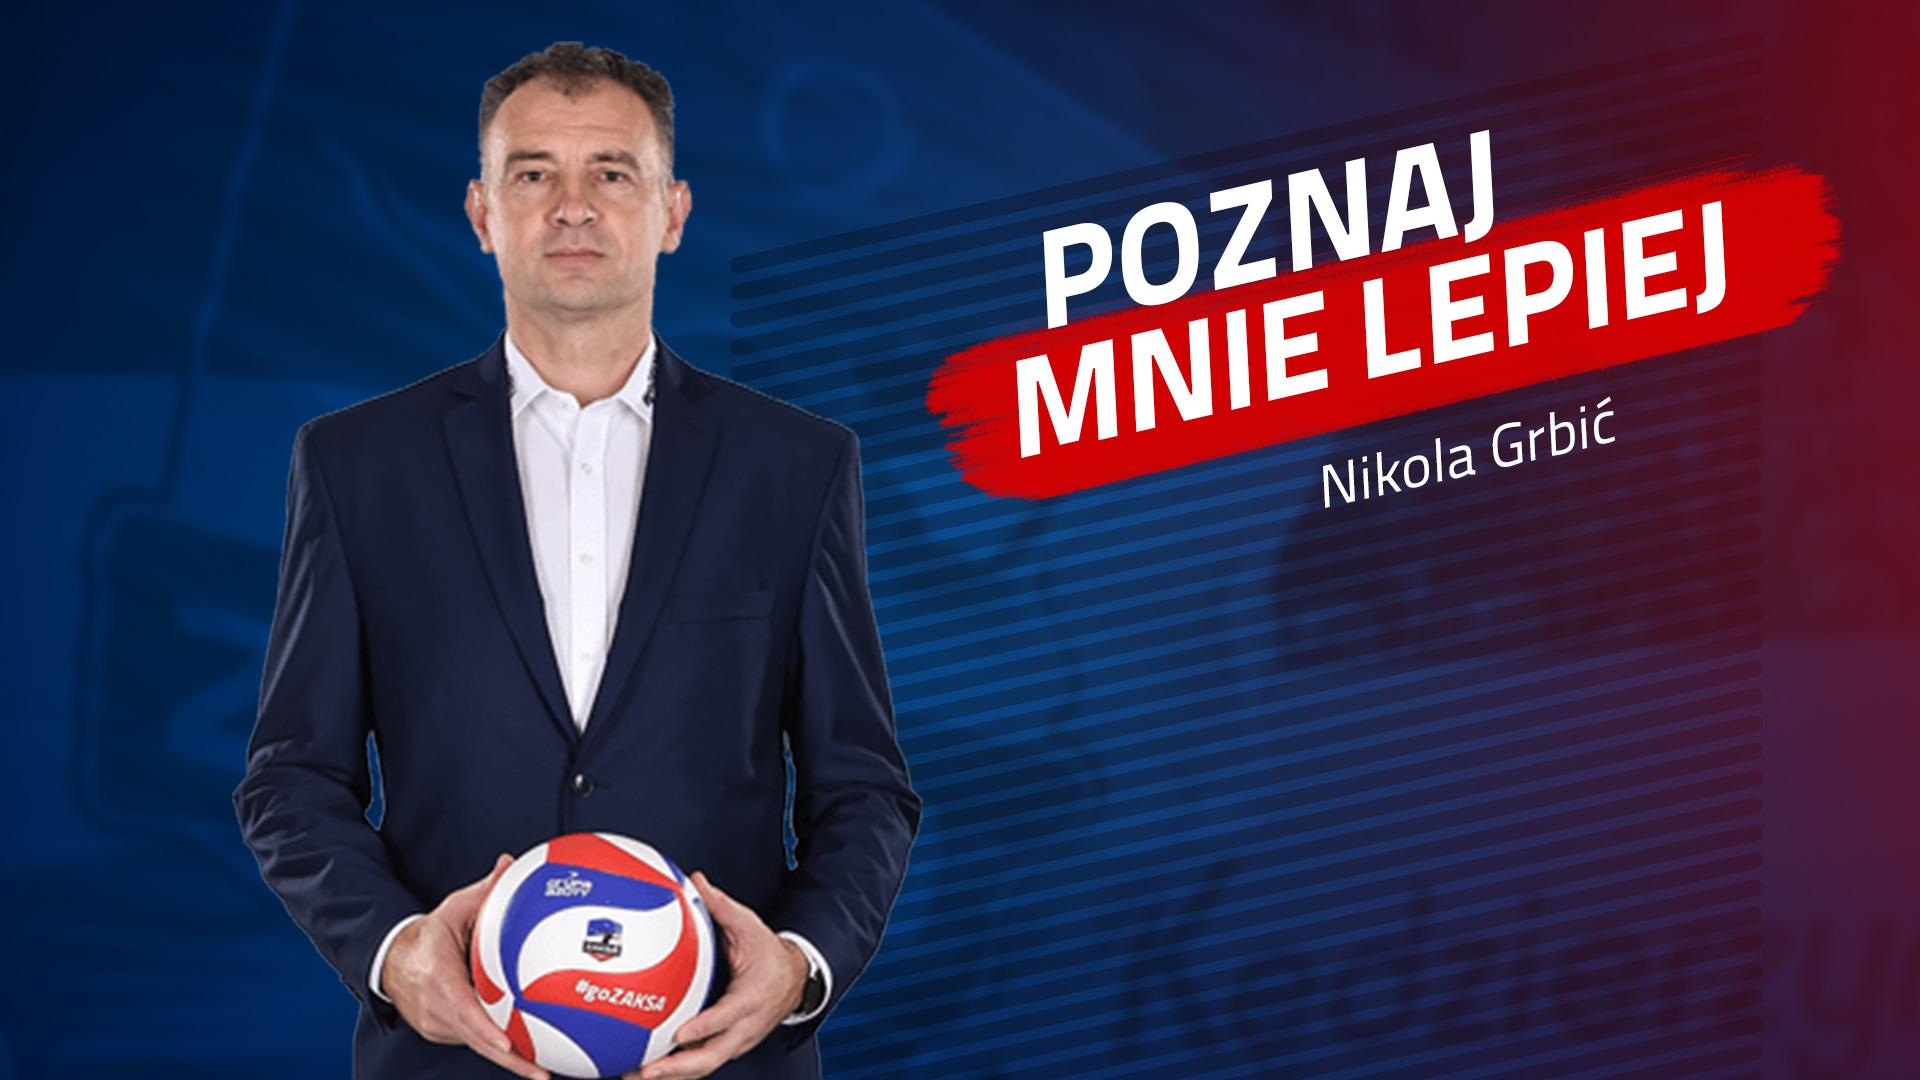 Poznaj mnie lepiej: Nikola Grbić